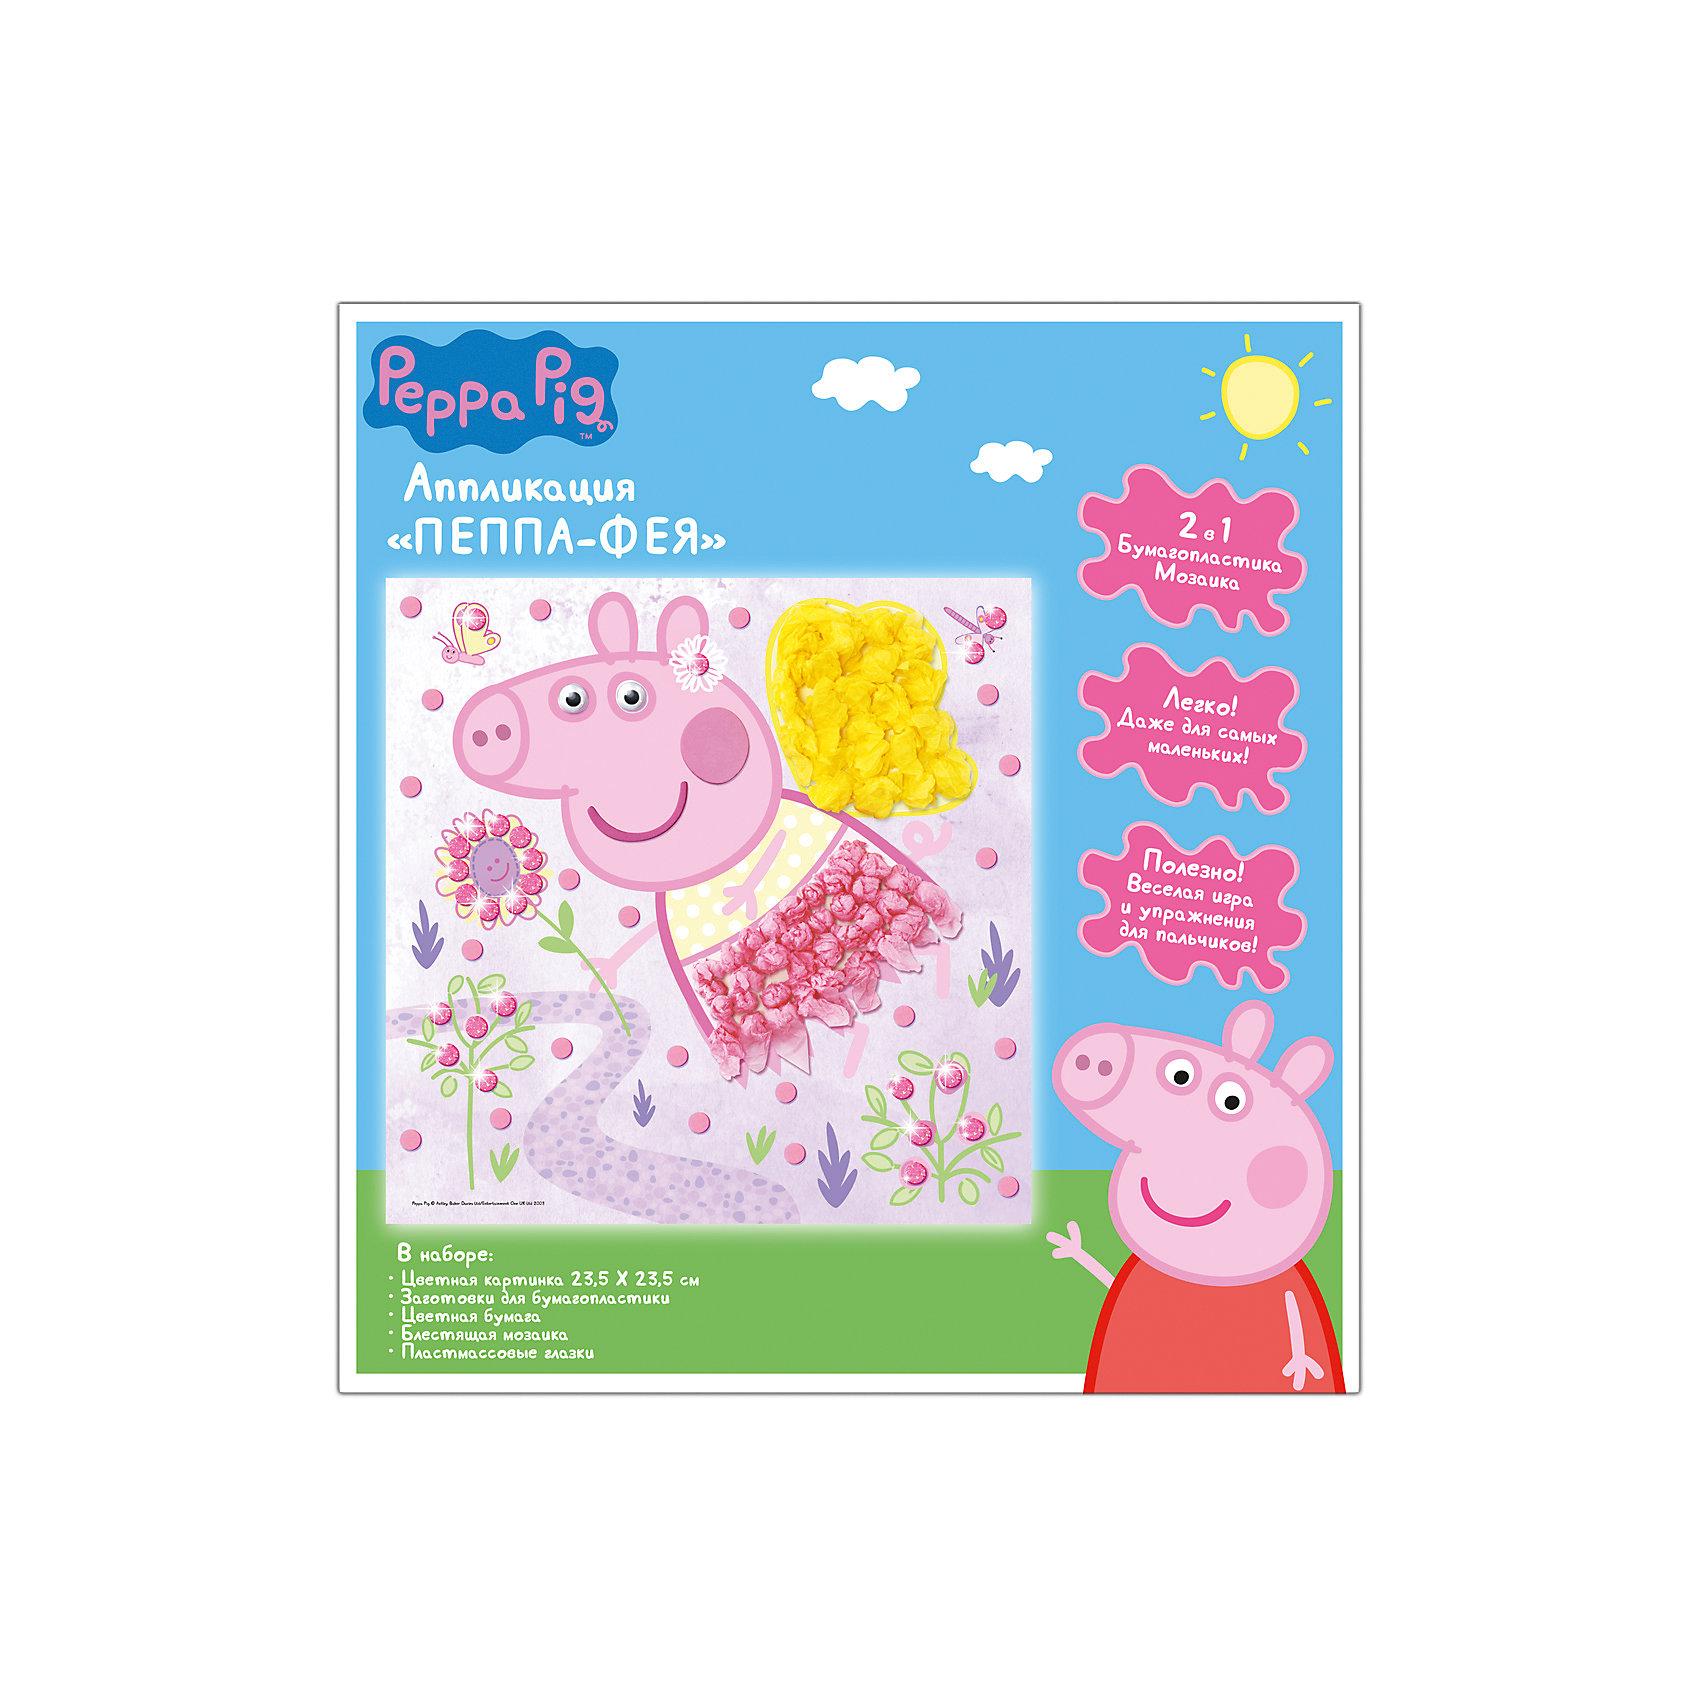 Аппликация ПЕППА ФЕЯ,23,5*23,5cмРукоделие<br>Игровой набор «Пеппа-фея» - это веселая игра и эффективное упражнение для пальчиков малыша, включающее бумагопластику и мозаику. Скатайте из тонкой цветной бумаги шарики или сомните ее. Снимите защитный слой с картонной заготовки и выложите цветные шарики на клеевую основу. Прикрепите получившуюся аппликацию к цветной картинке с помощью двустороннего скотча, приклейте пластиковые глазки и украсьте поделку цветными деталями мозаики. Очаровательная 3D-картинка готова! А главное – это по силам даже самым маленьким.&#13;<br>В наборе для аппликации «Пеппа-фея» ТМ «Свинка Пеппа»: цветная картонная картинка (23х23 см), фигурка Пеппы с клеевой основой, набор цветной бумаги для бумагопластики, блестящие детали мозаики из мягкого, приятного на ощупь материала ЭВА, пластмассовые вращающиеся глазки, двухсторонний скотч. Товар сертифицирован.<br><br>Ширина мм: 255<br>Глубина мм: 240<br>Высота мм: 2<br>Вес г: 64<br>Возраст от месяцев: 84<br>Возраст до месяцев: 108<br>Пол: Унисекс<br>Возраст: Детский<br>SKU: 5016367